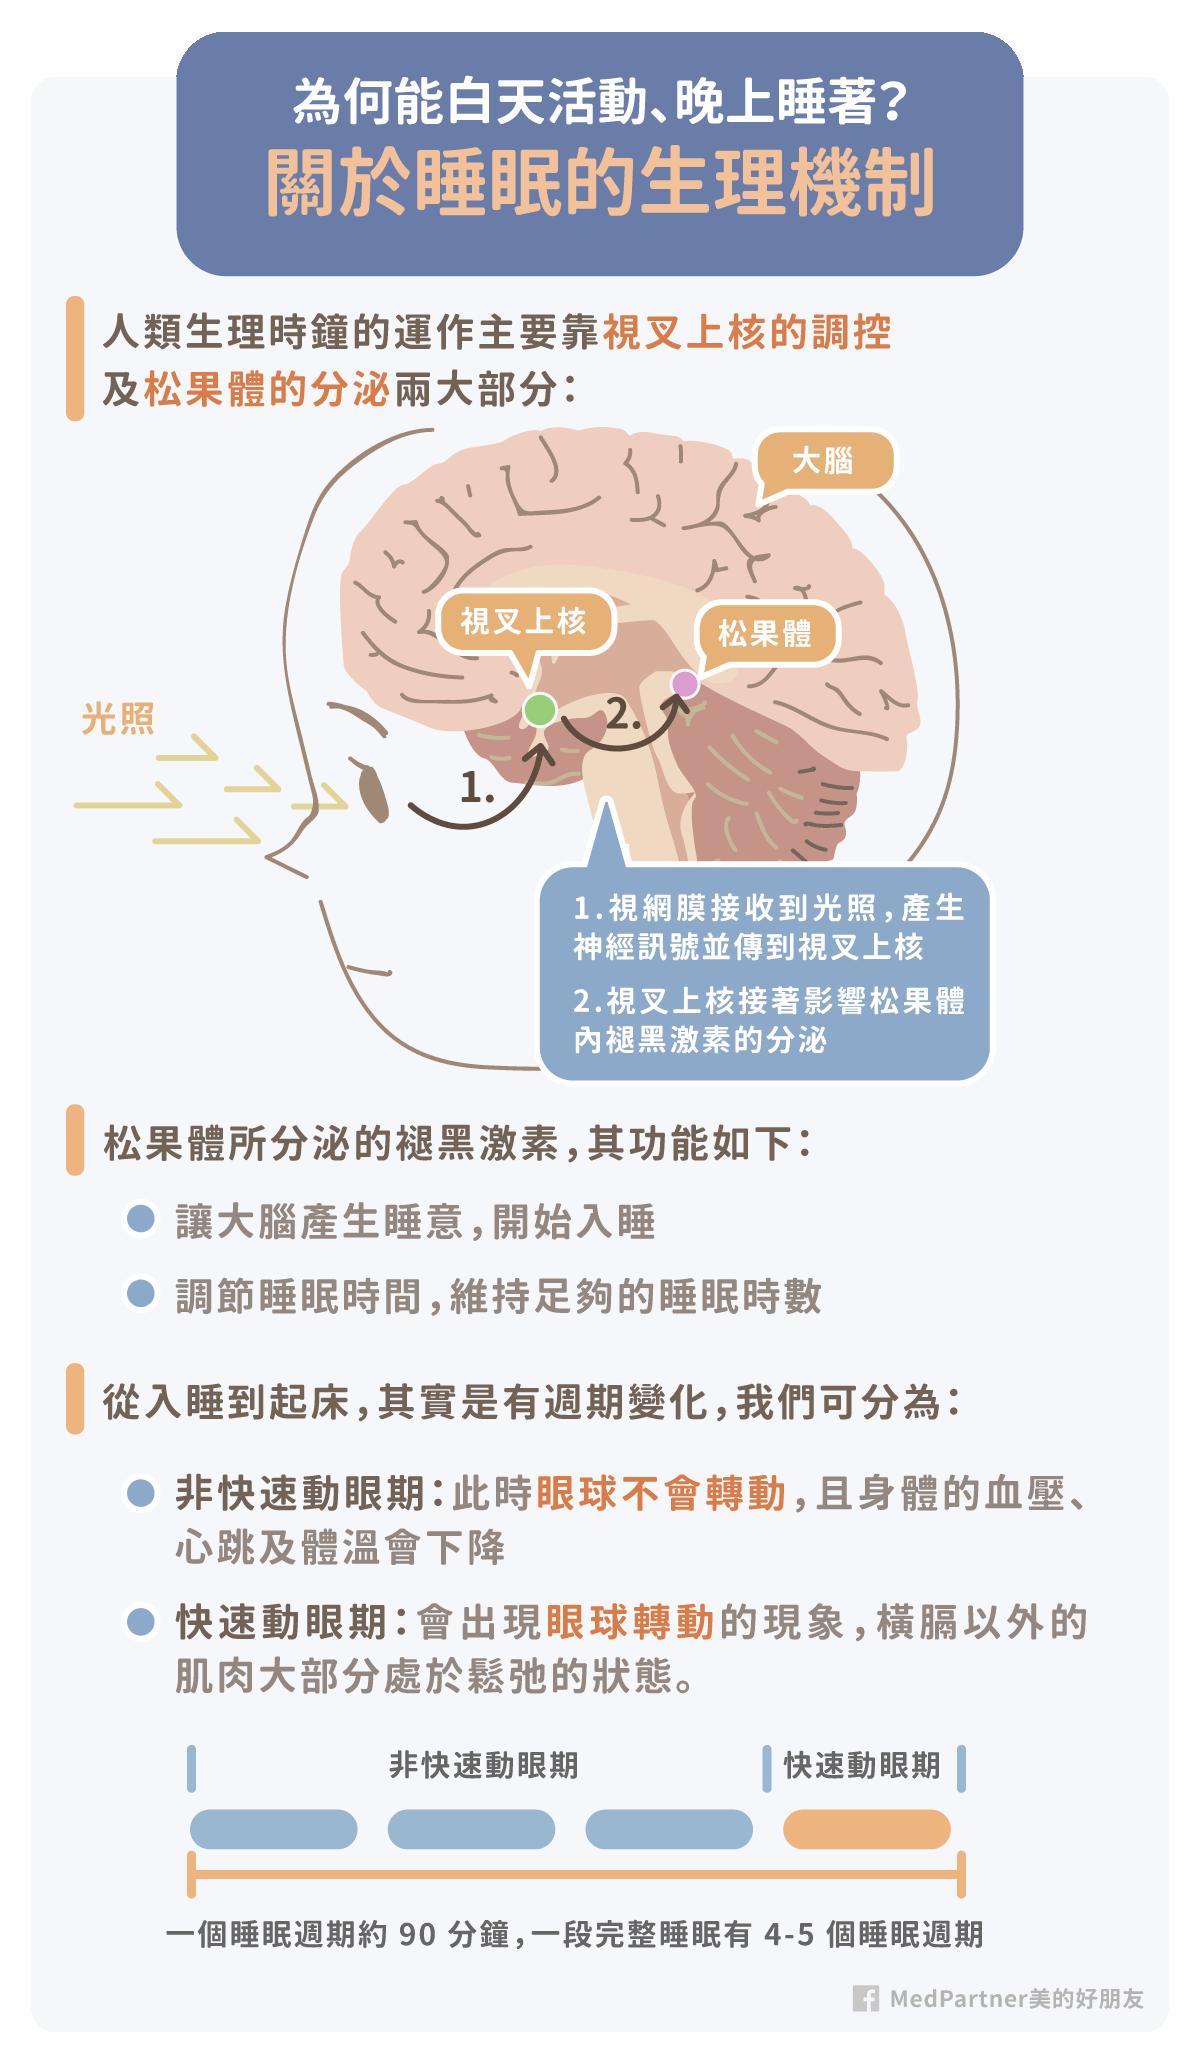 失眠怎麼辦?安眠藥可以吃嗎?醫師教你正確戰勝失眠!